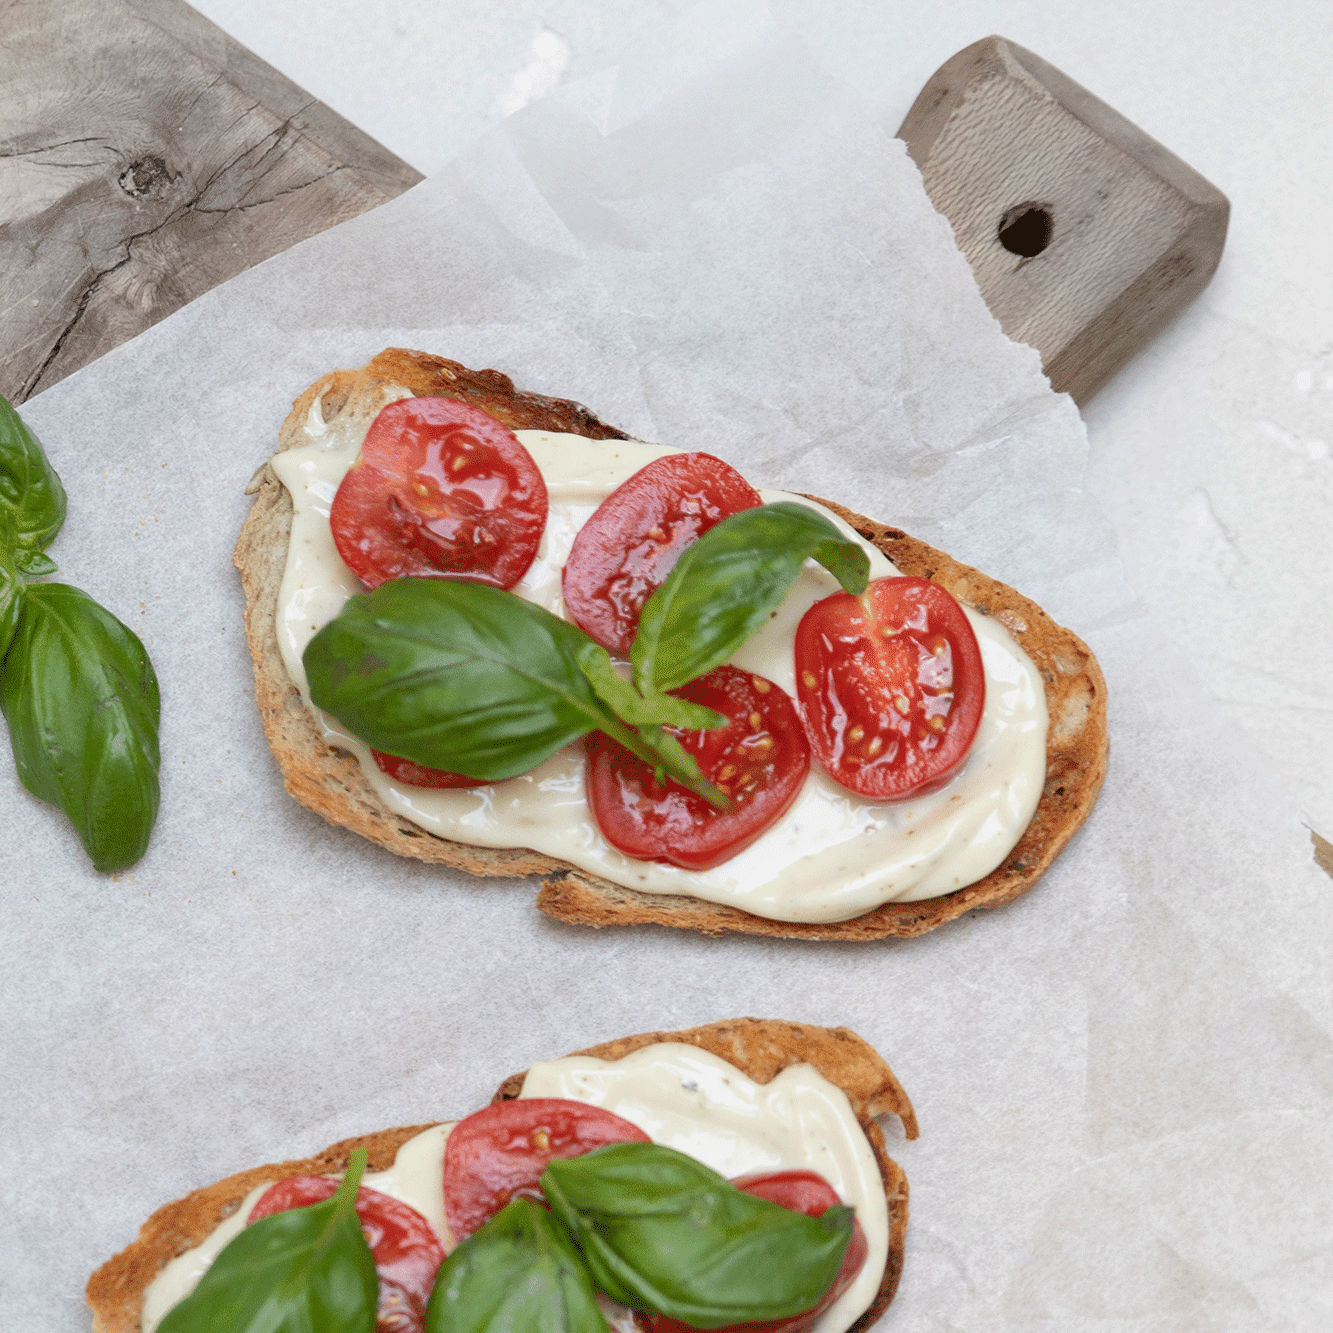 En bruschetta-aktig ristet surdeigsbrødskive med MagerOst, cherrytomater og basilikum.